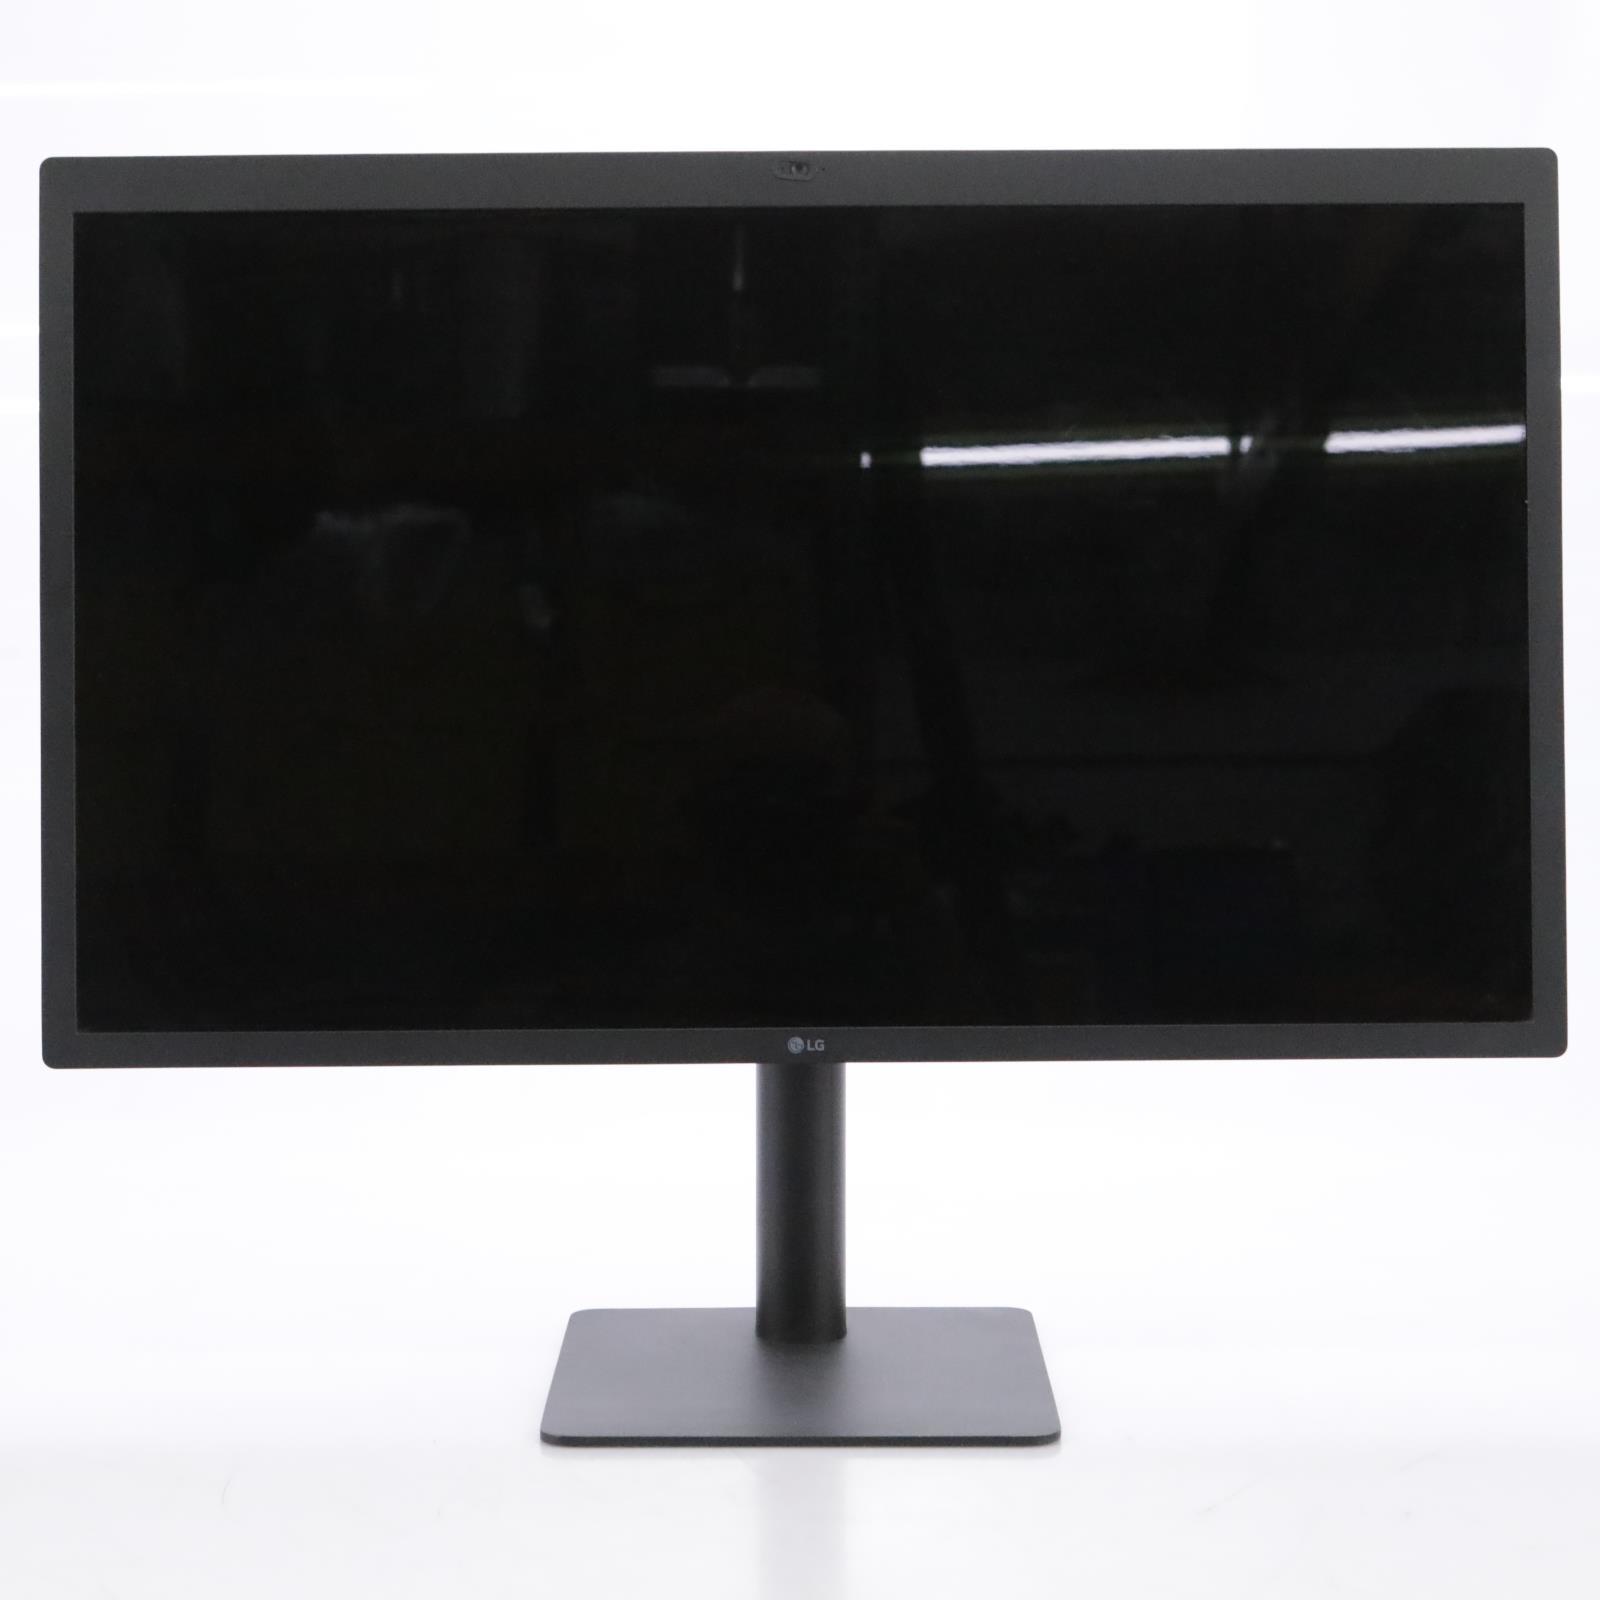 """LG 27MD5KA 27"""" Widescreen Display Monitor w/ Mountable Vesa Stand #43874"""